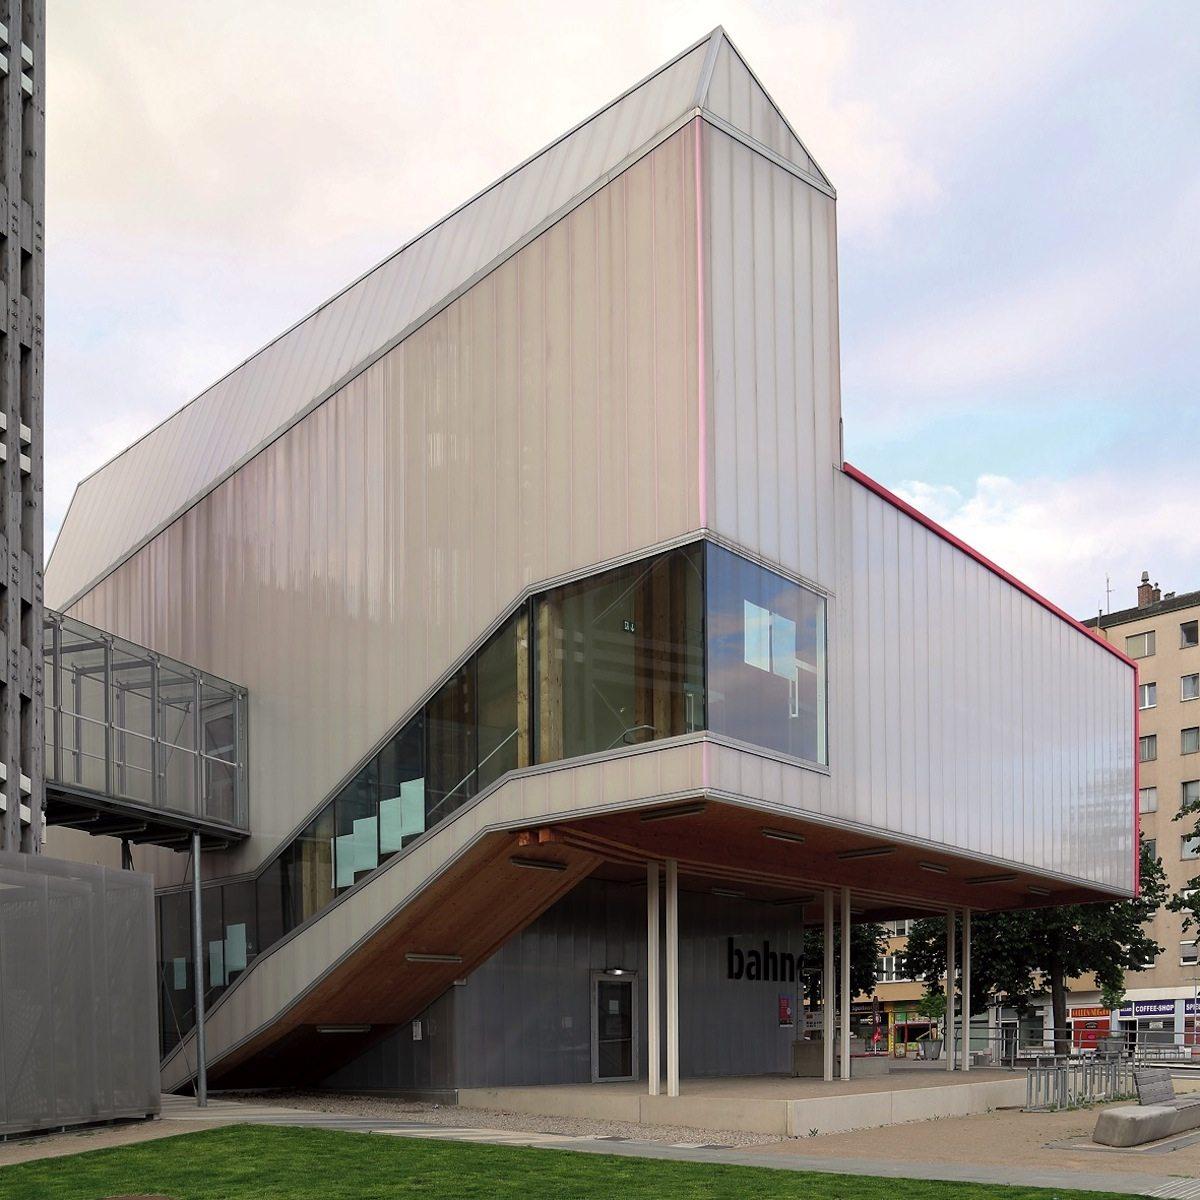 Bahnorama. Im Ausstellungspavillon präsentieren die Investoren die Transformation des ehemaligen Sackbahnhofs Wien-Süd zum neuen Durchgangsbahnhof Wien Hbf. Der Temporärbau stammt von RAHM Architekten und dem Büro architects pla.net.